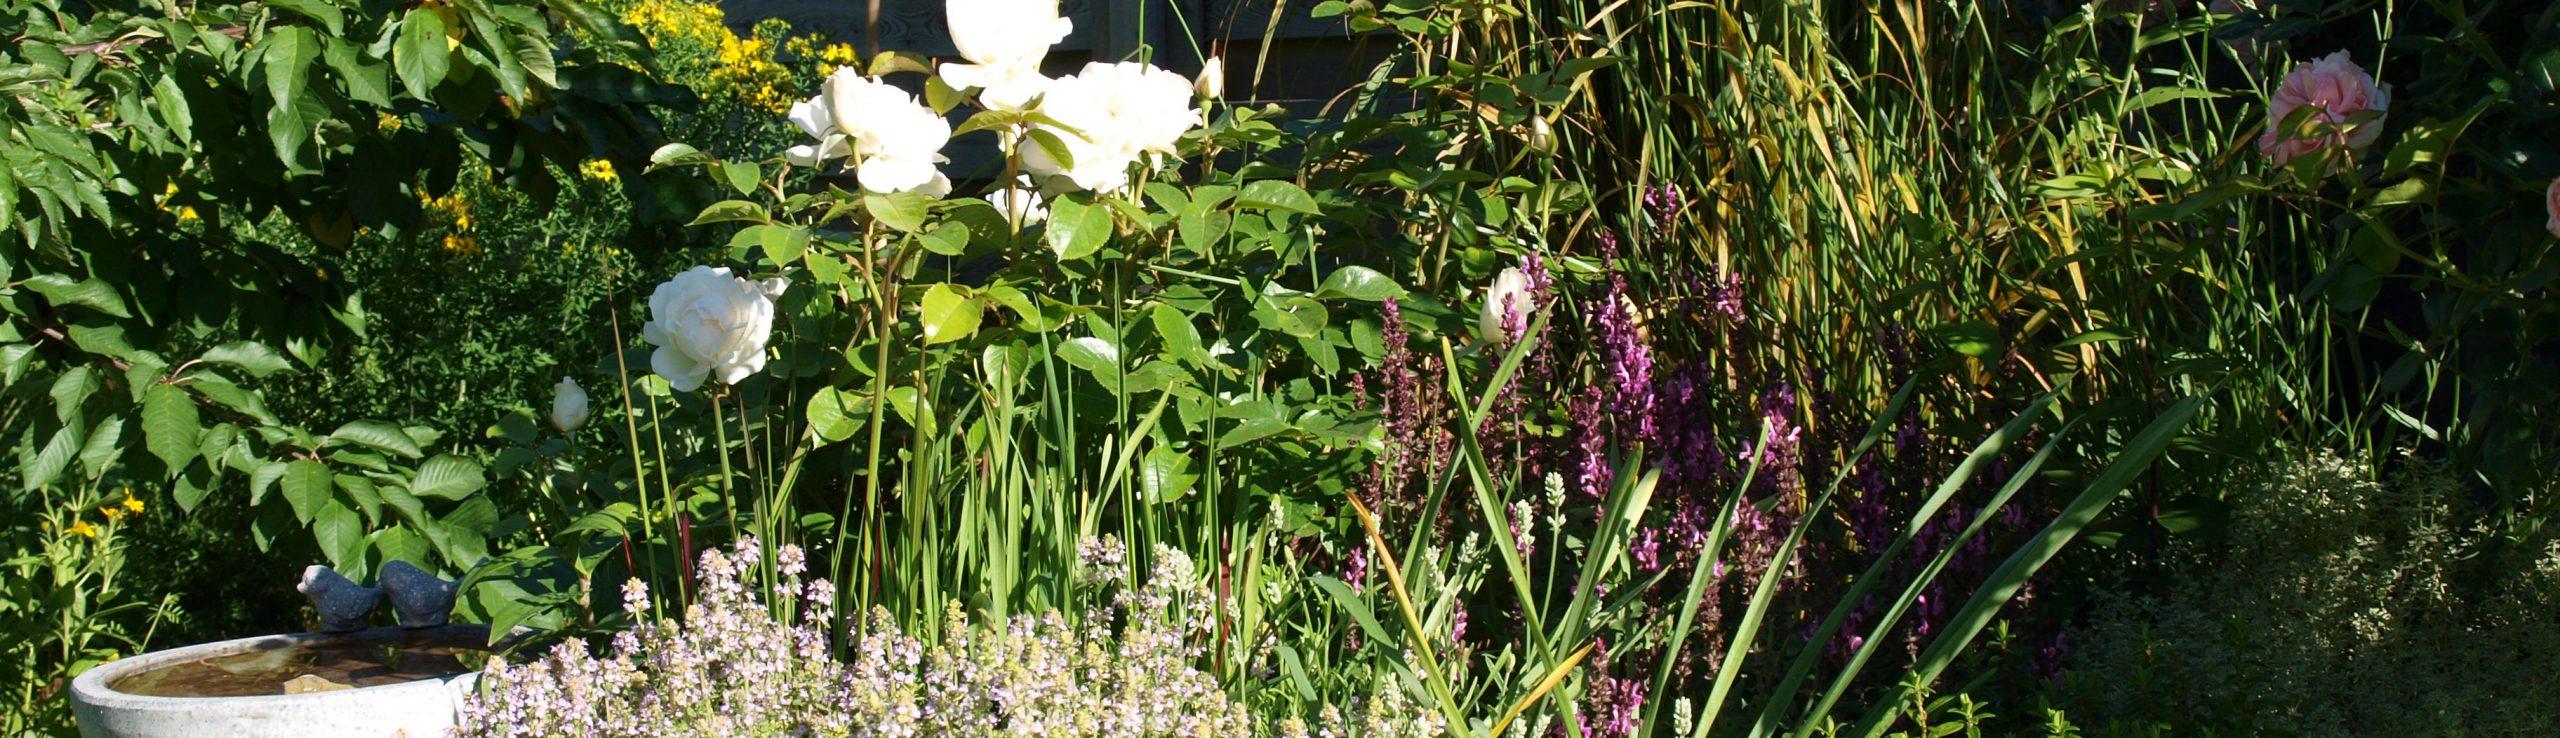 Heilpflanzenrezepte & mehr